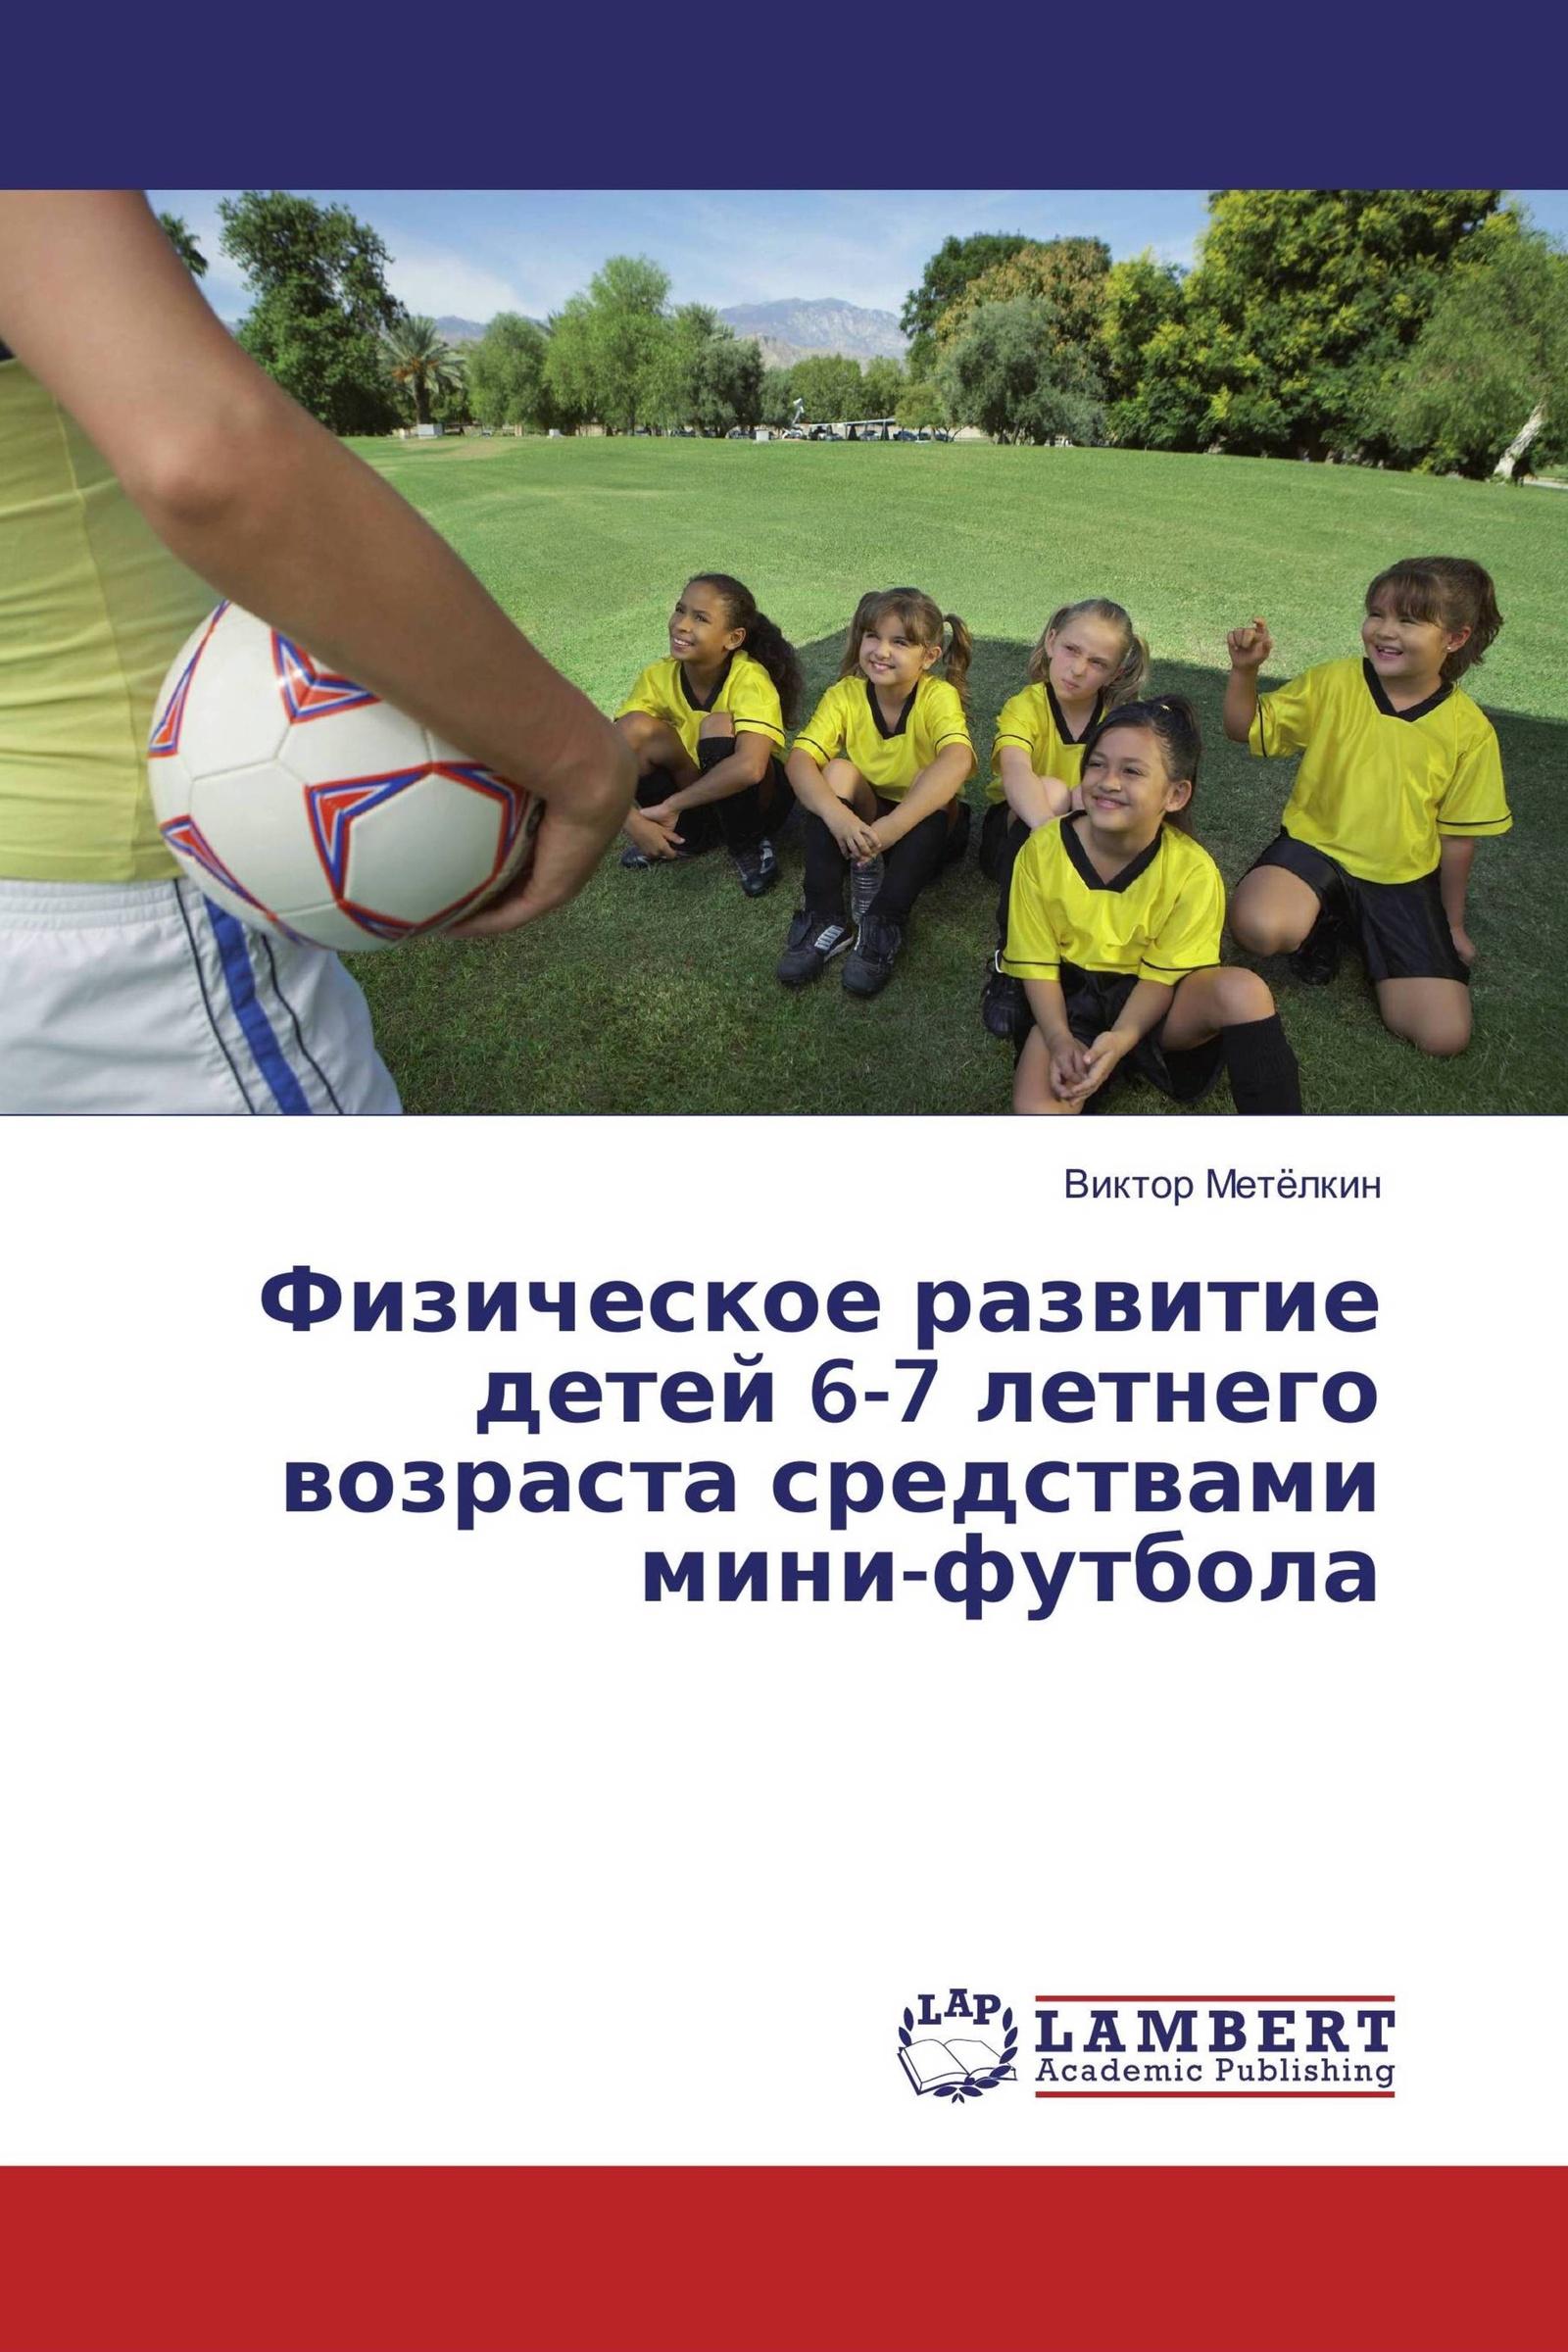 Виктор Метёлкин Физическое развитие детей 6-7 летнего возраста средствами мини-футбола